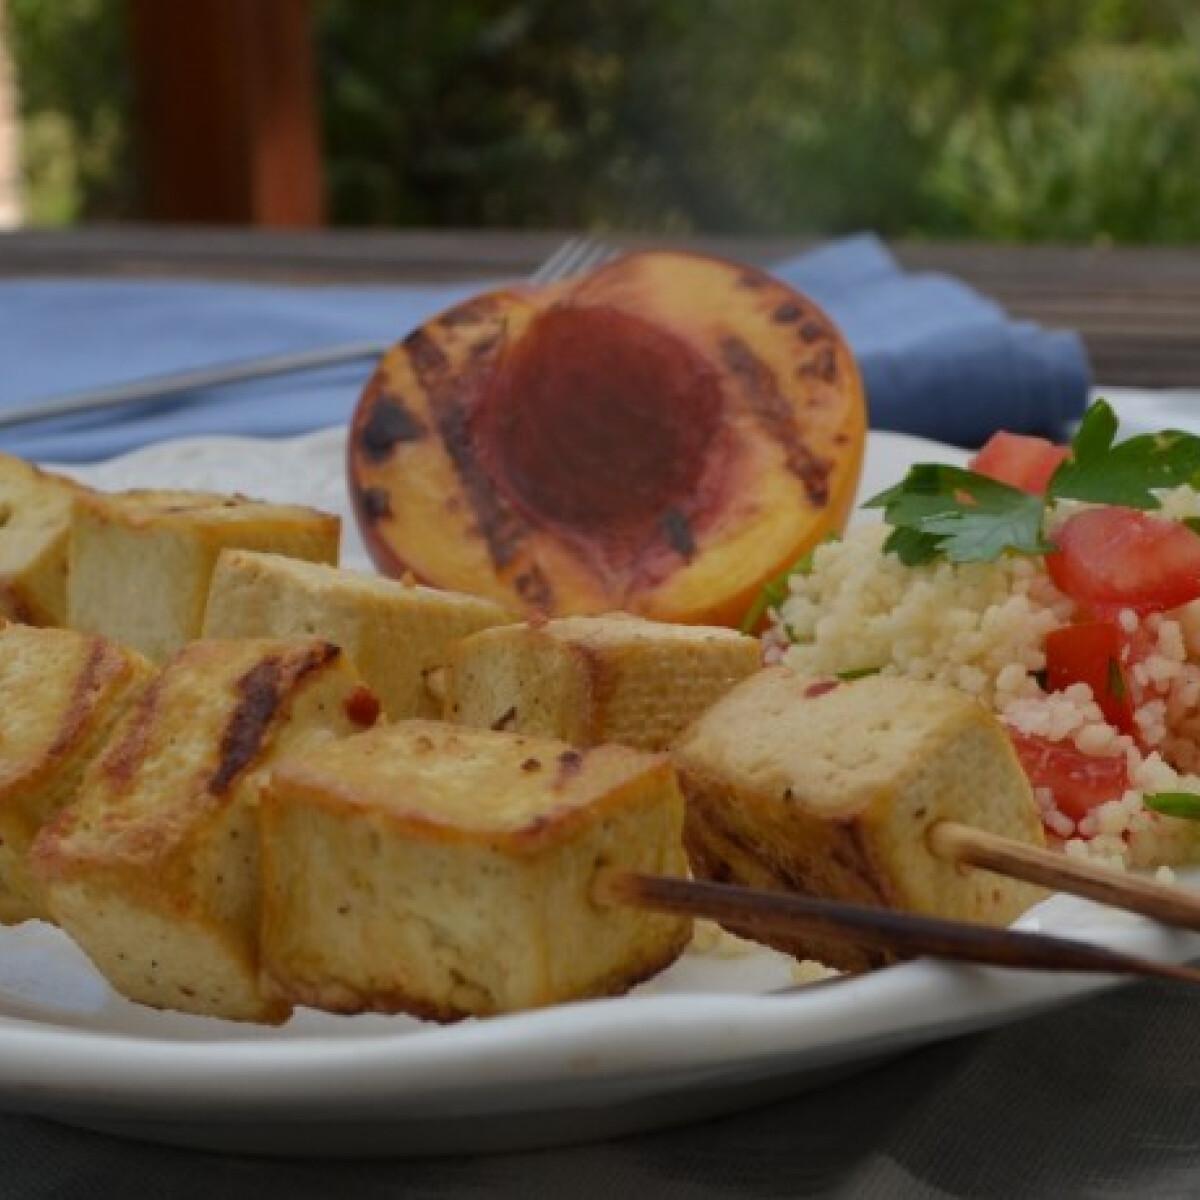 Chilis-citromos tofu grillezett nektarinnal és kuszkusszal